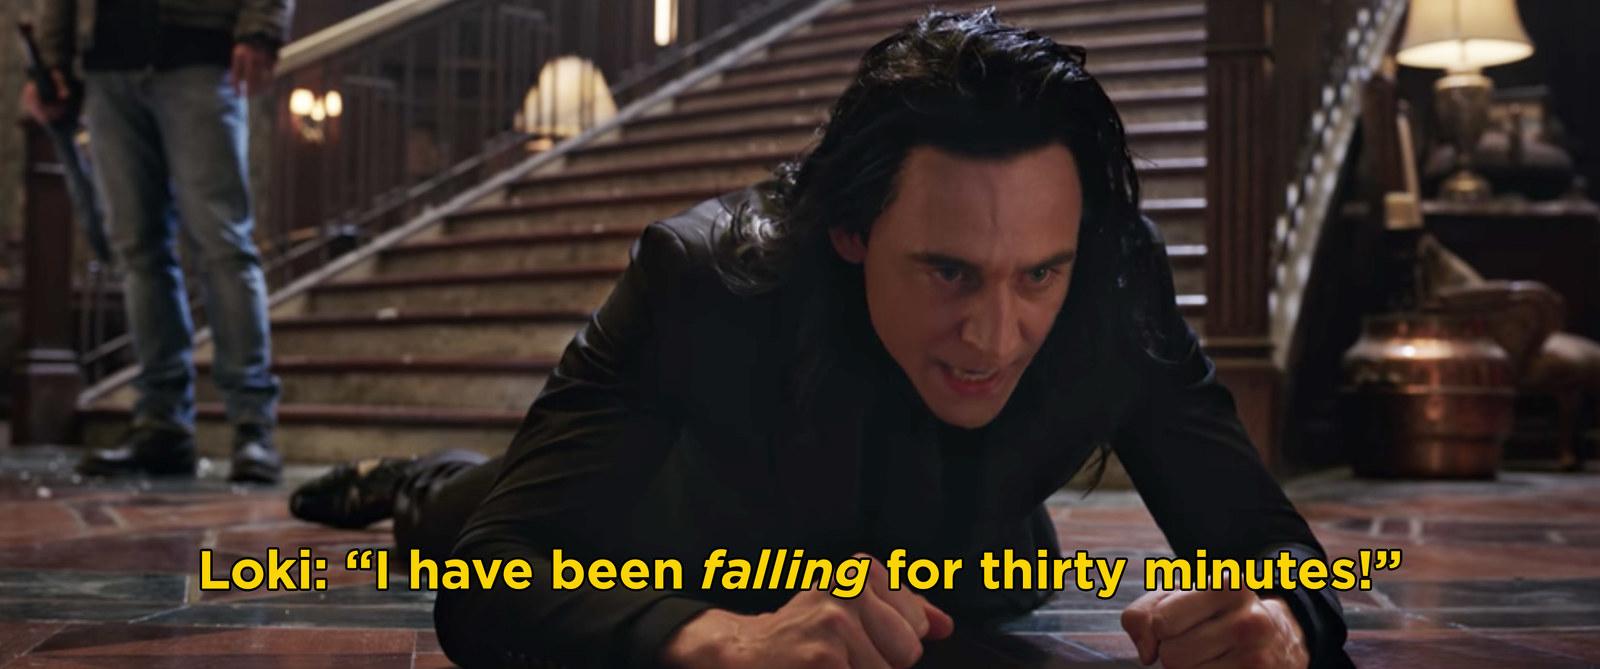 Loki is fun